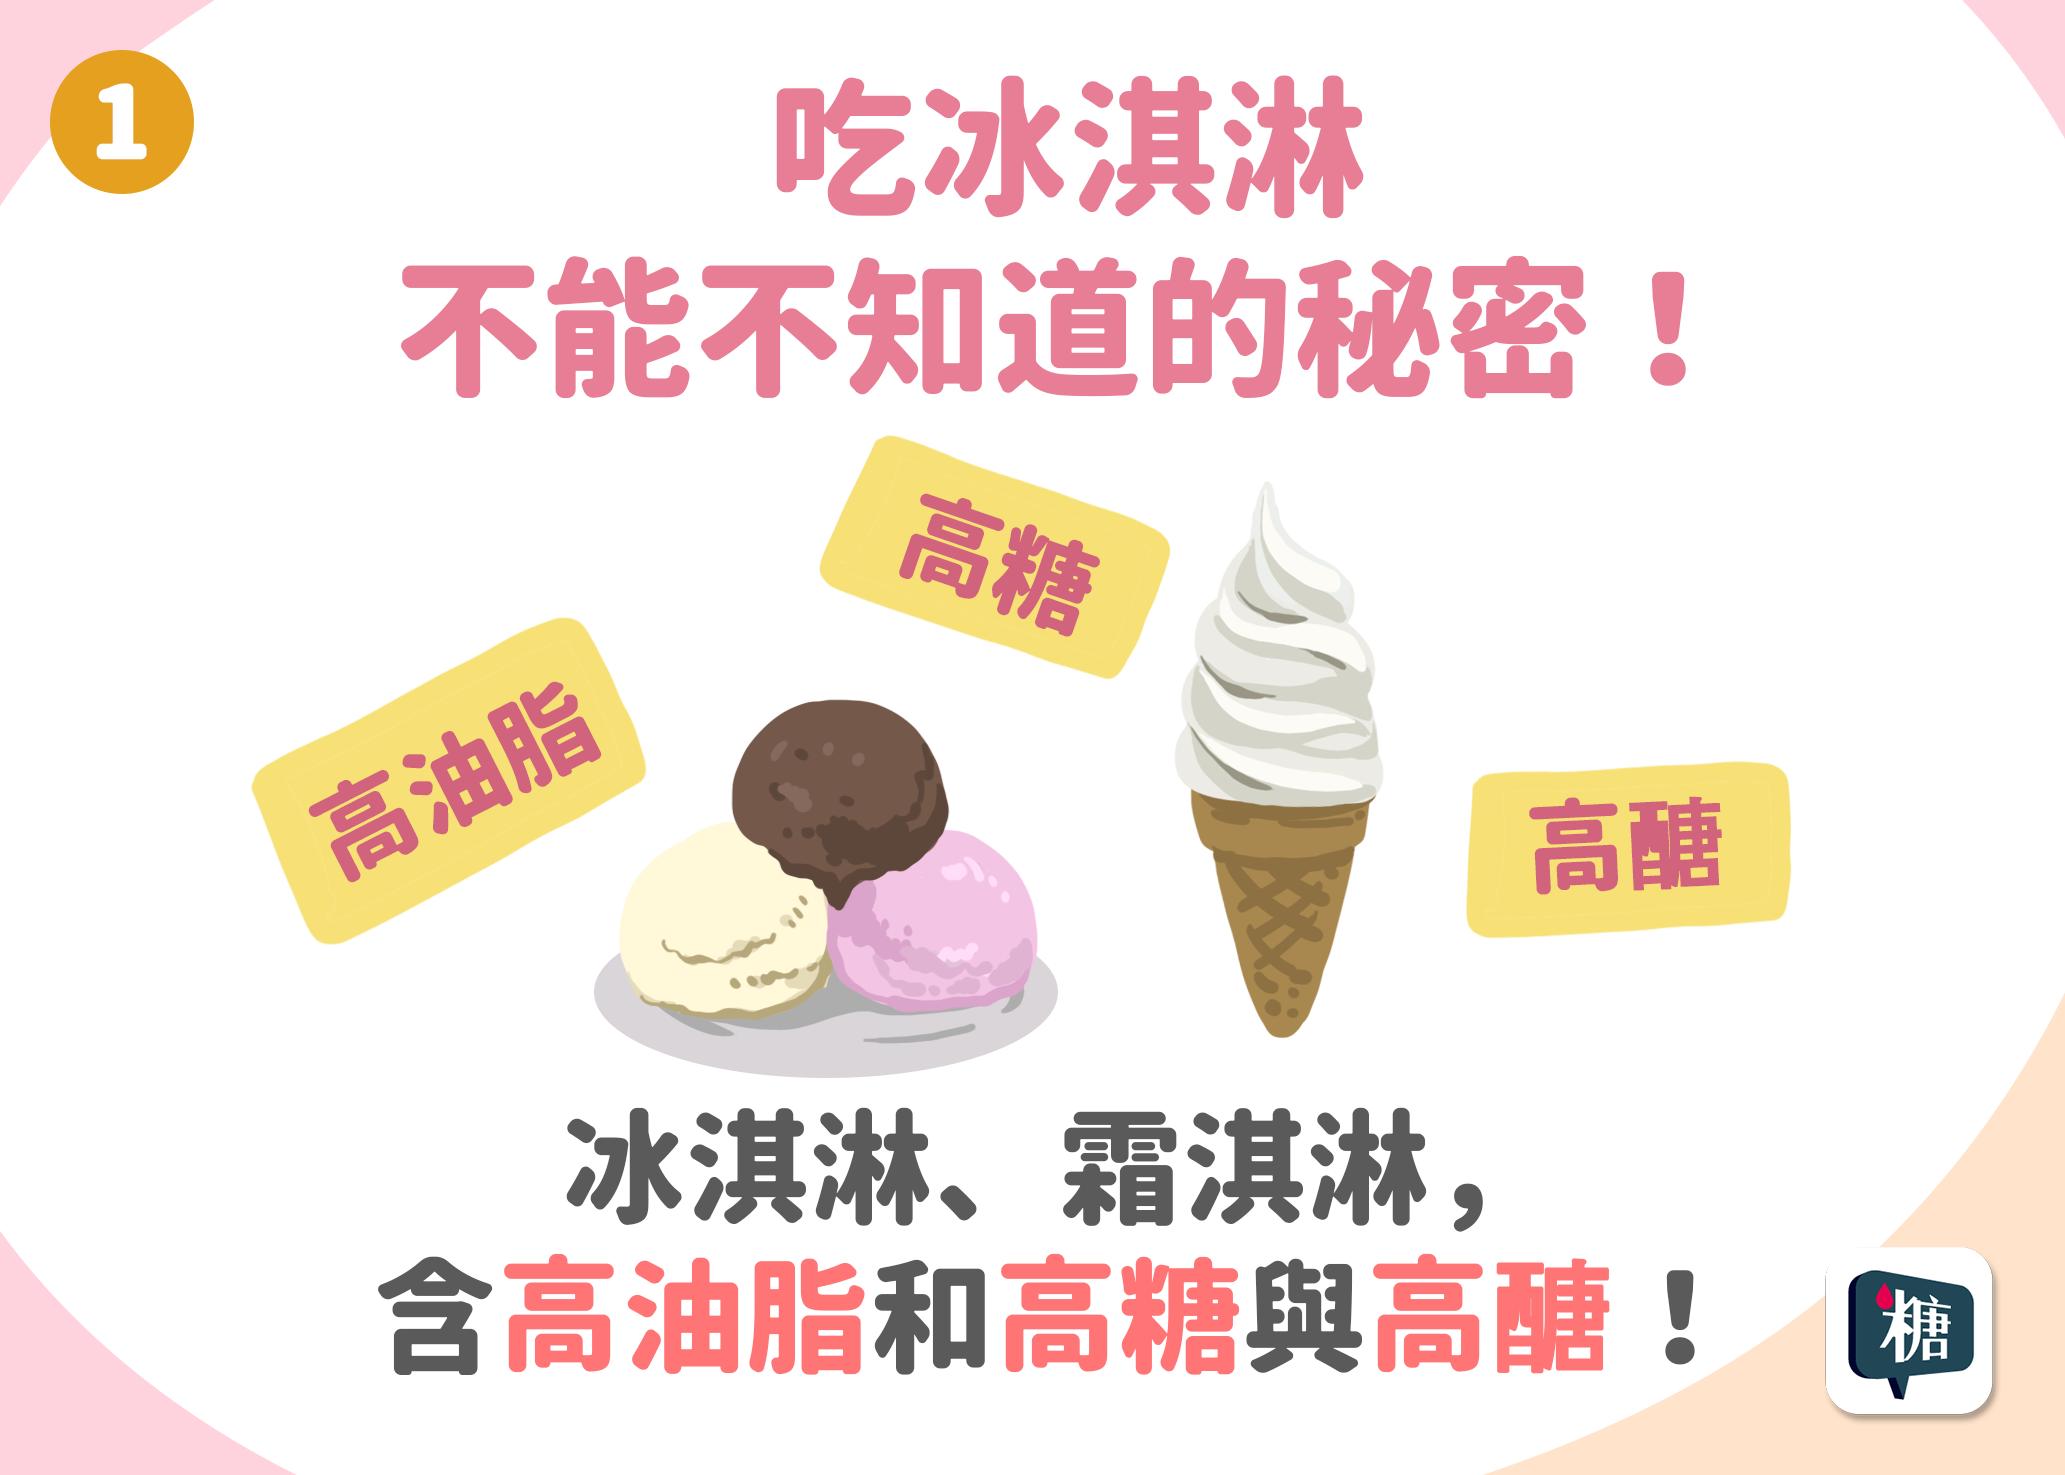 消暑冰淇淋吃多少?-02-1970